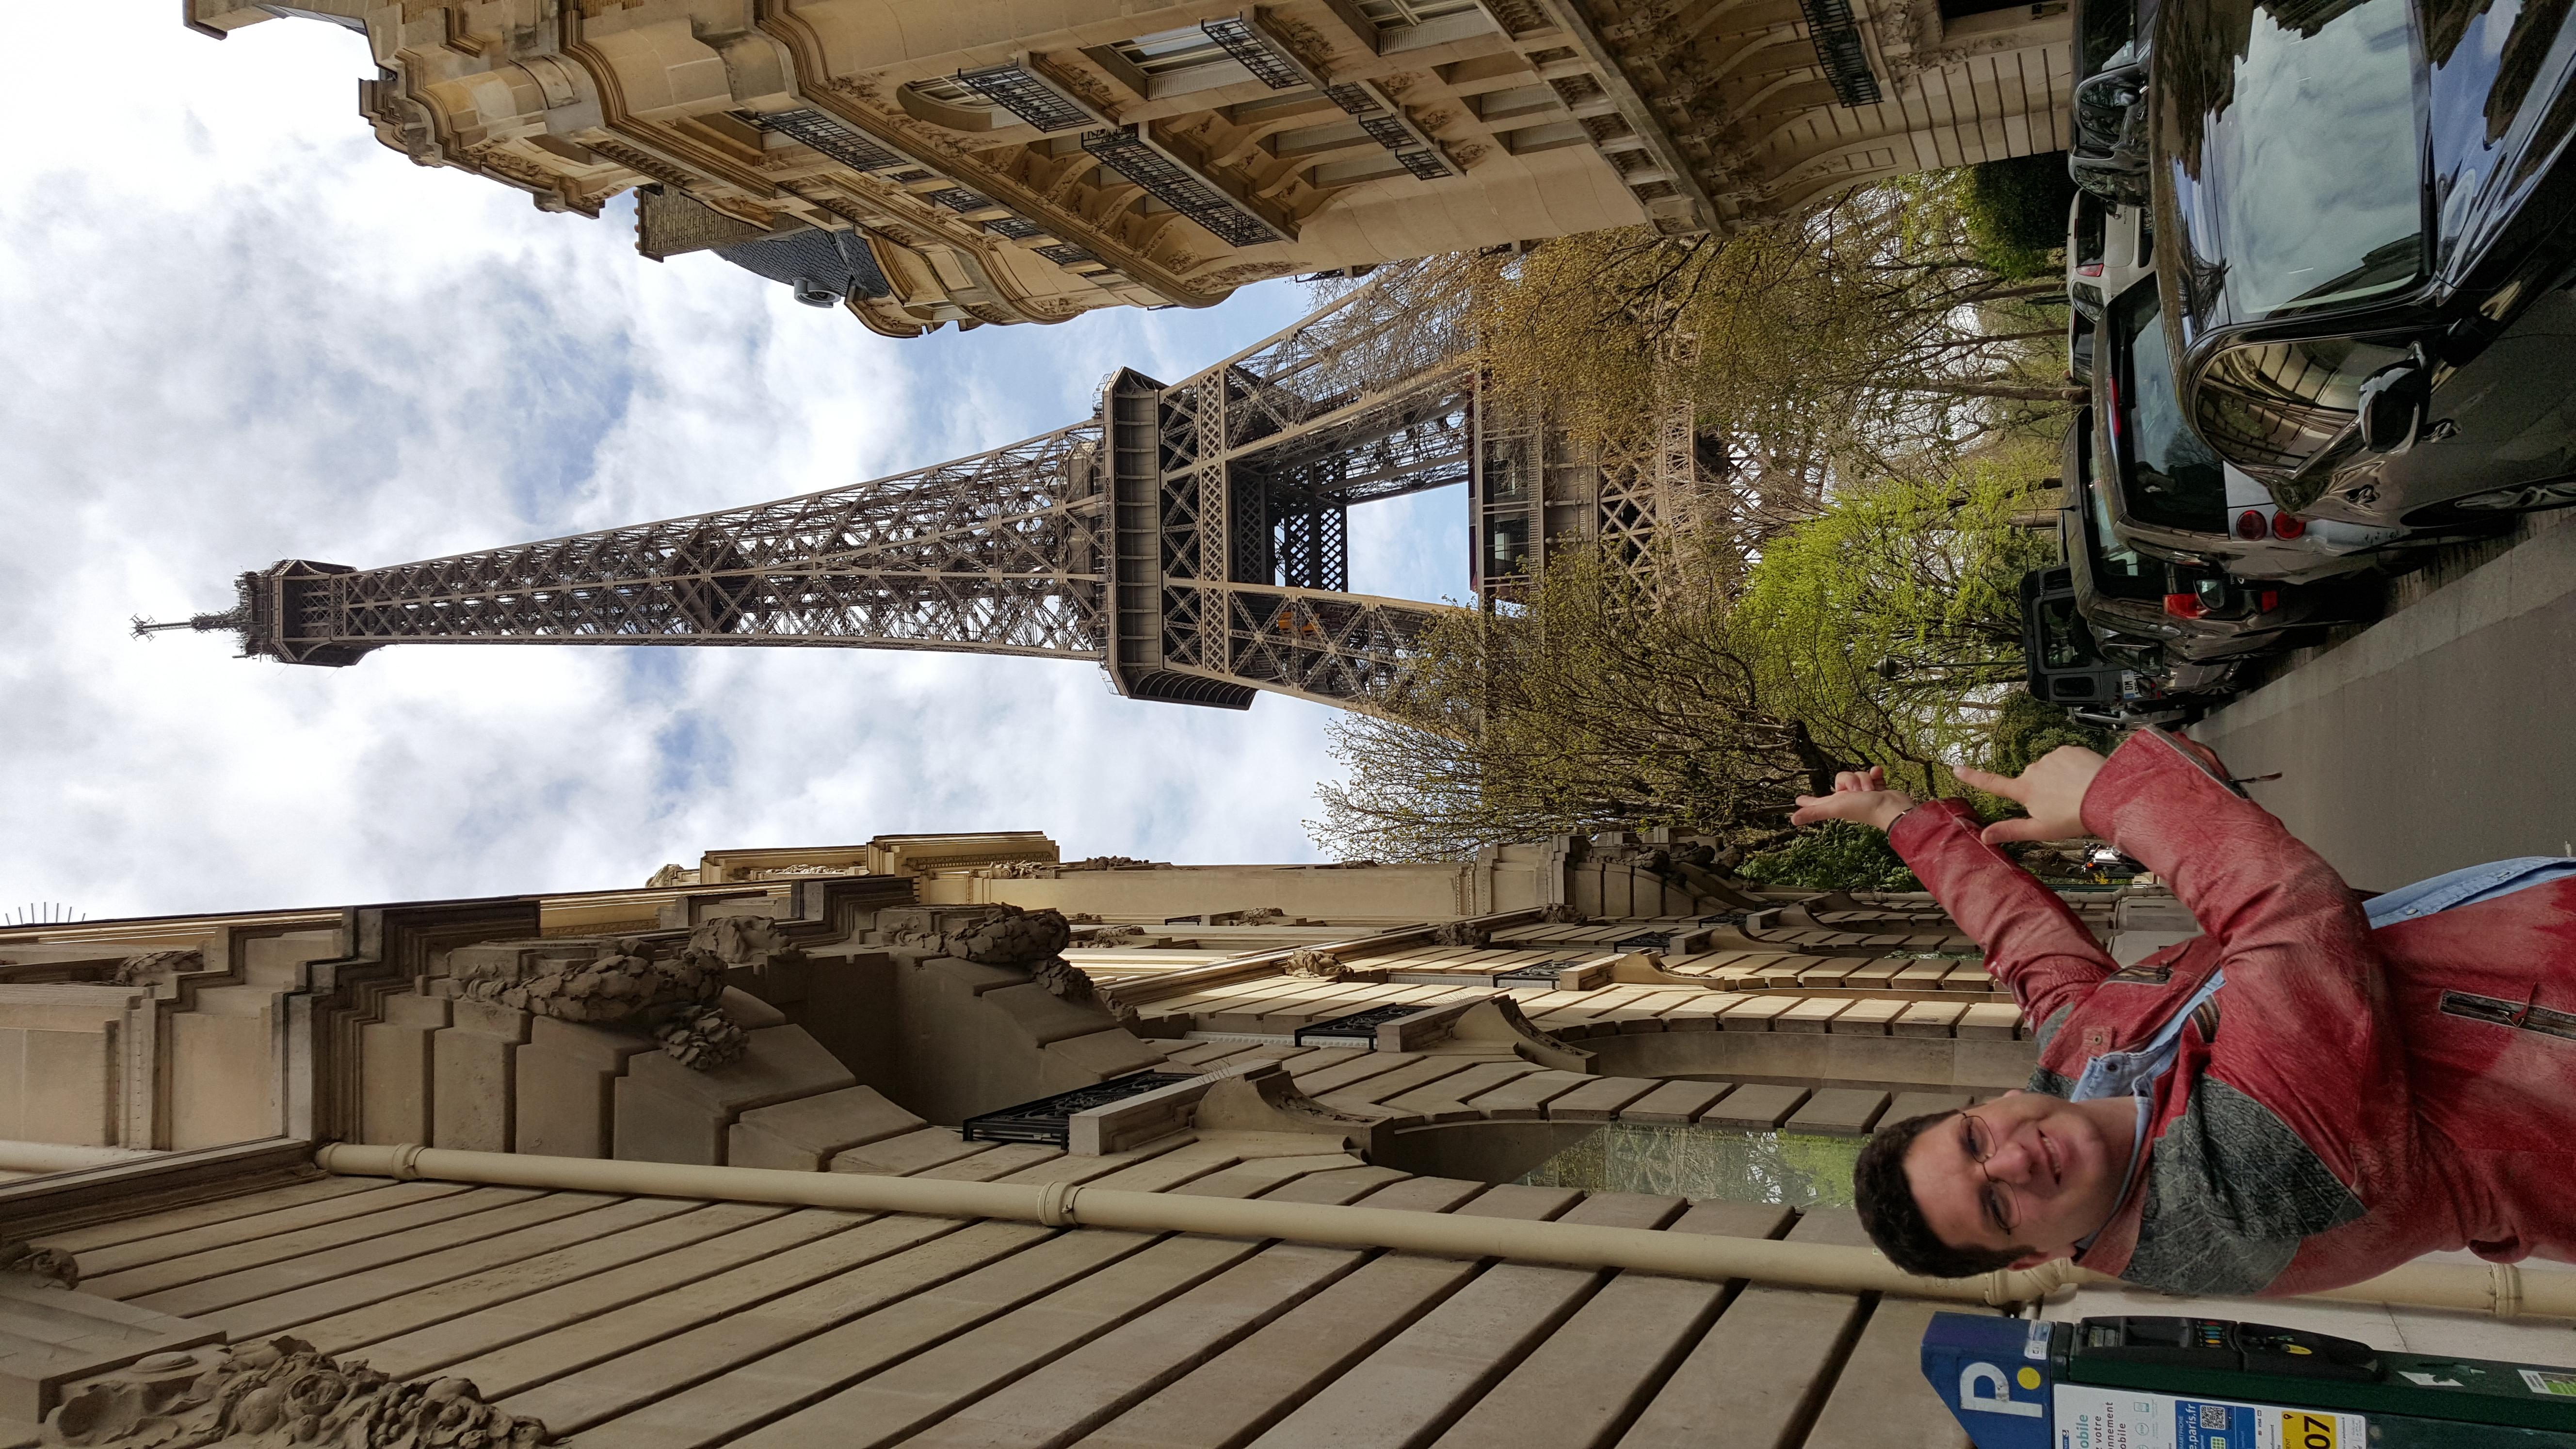 Traumreisen erleben auf www.eagletra